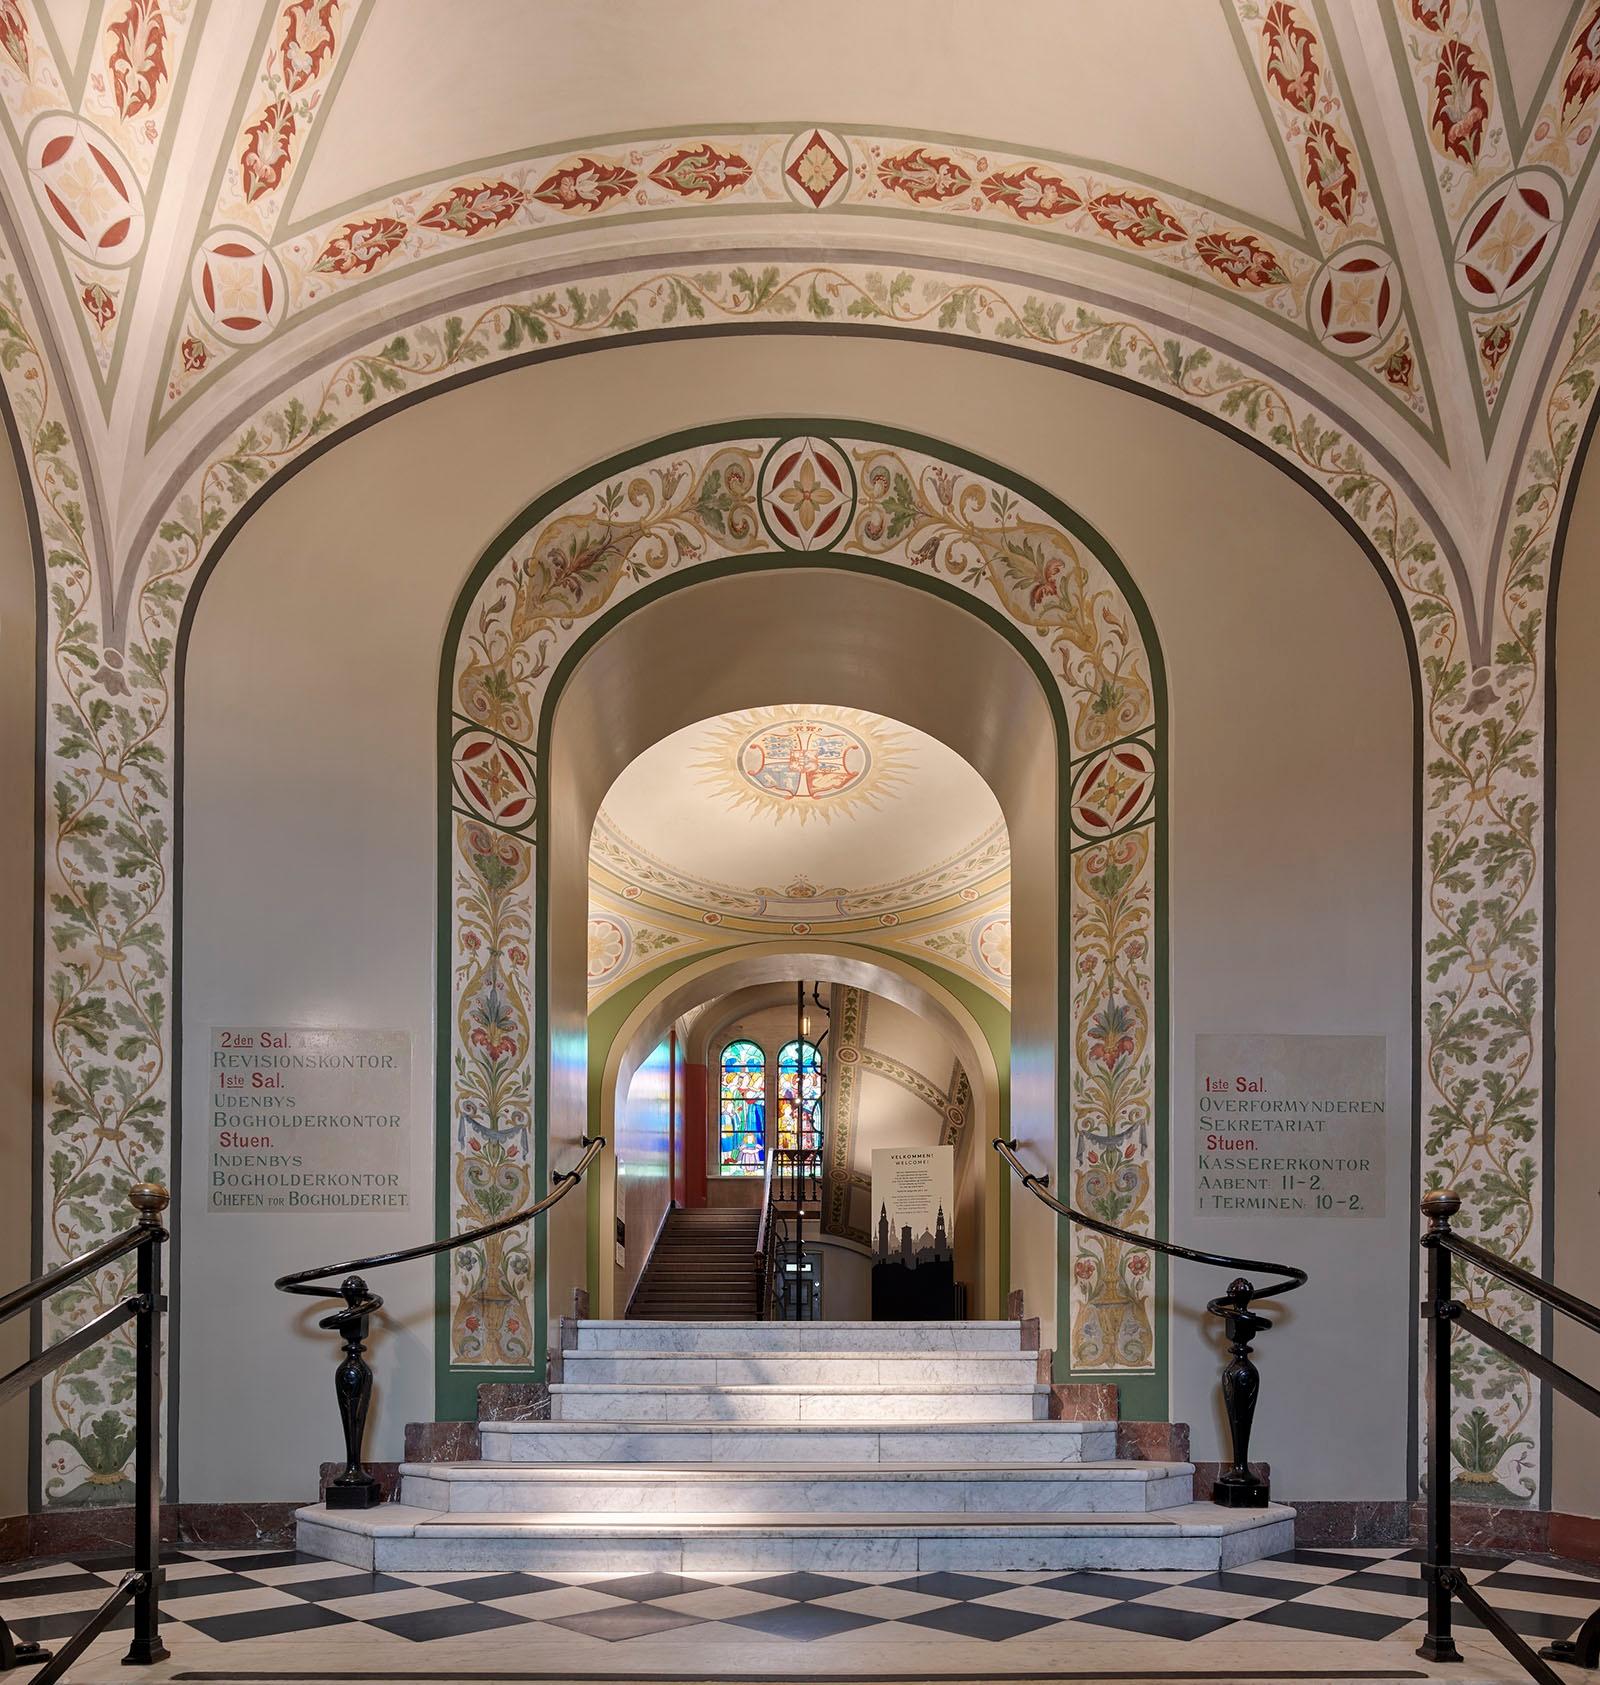 Københavns_Museum_Fotograf_Adam Mørk__086_H_1600